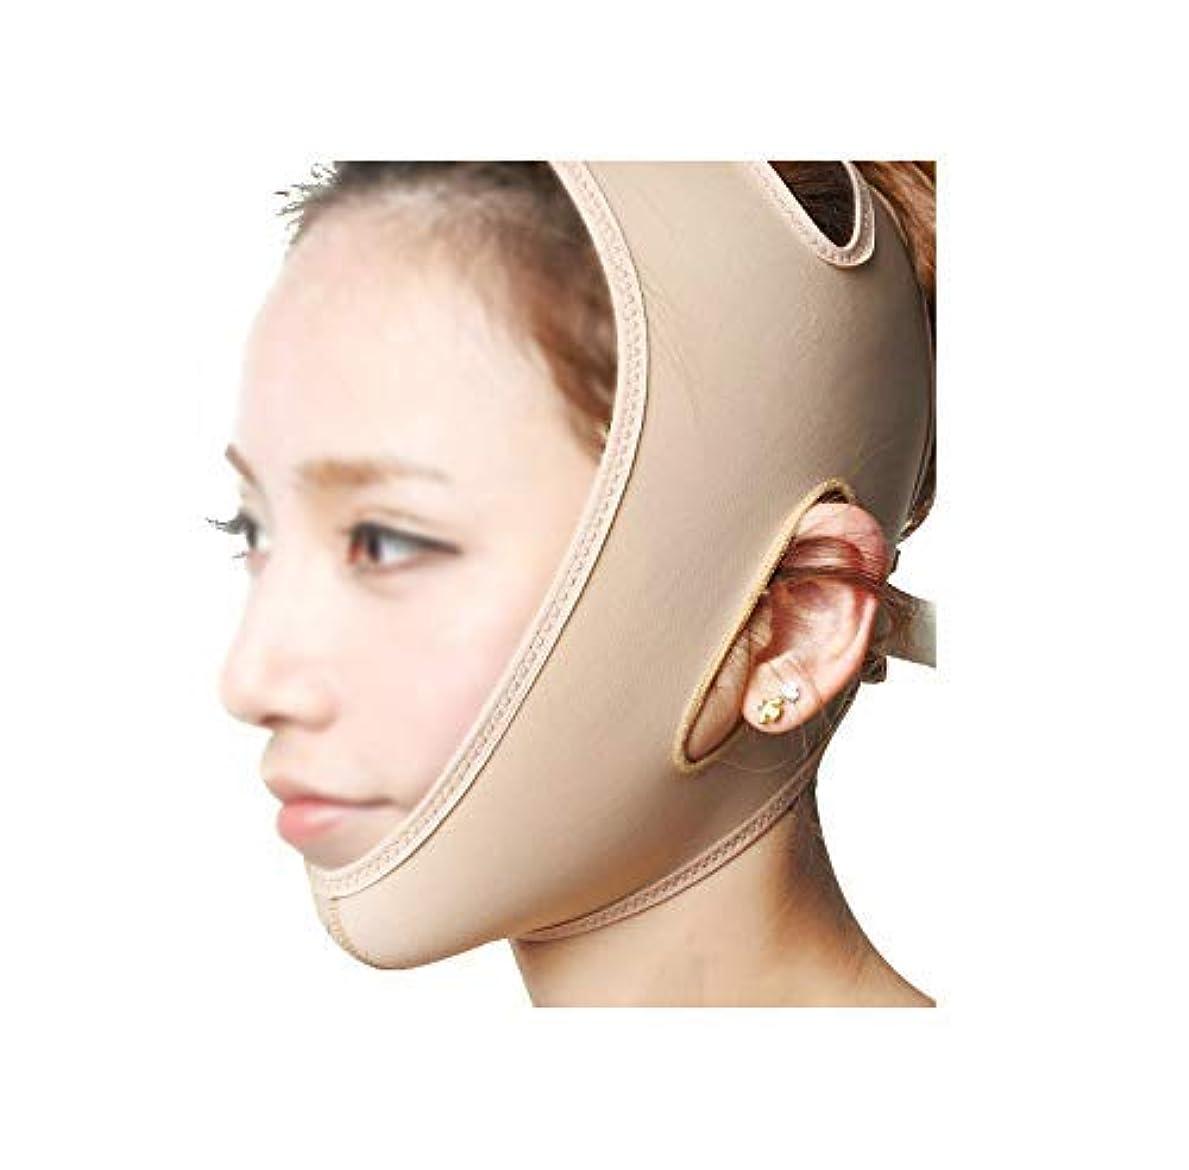 信仰スロベニアトレイルフェイスリフティングバンデージ、フェイスマスク3Dパネルデザイン、通気性のある非通気性、高弾性ライクラ生地フィジカルVフェイス、美しい顔の輪郭を作成(サイズ:S)